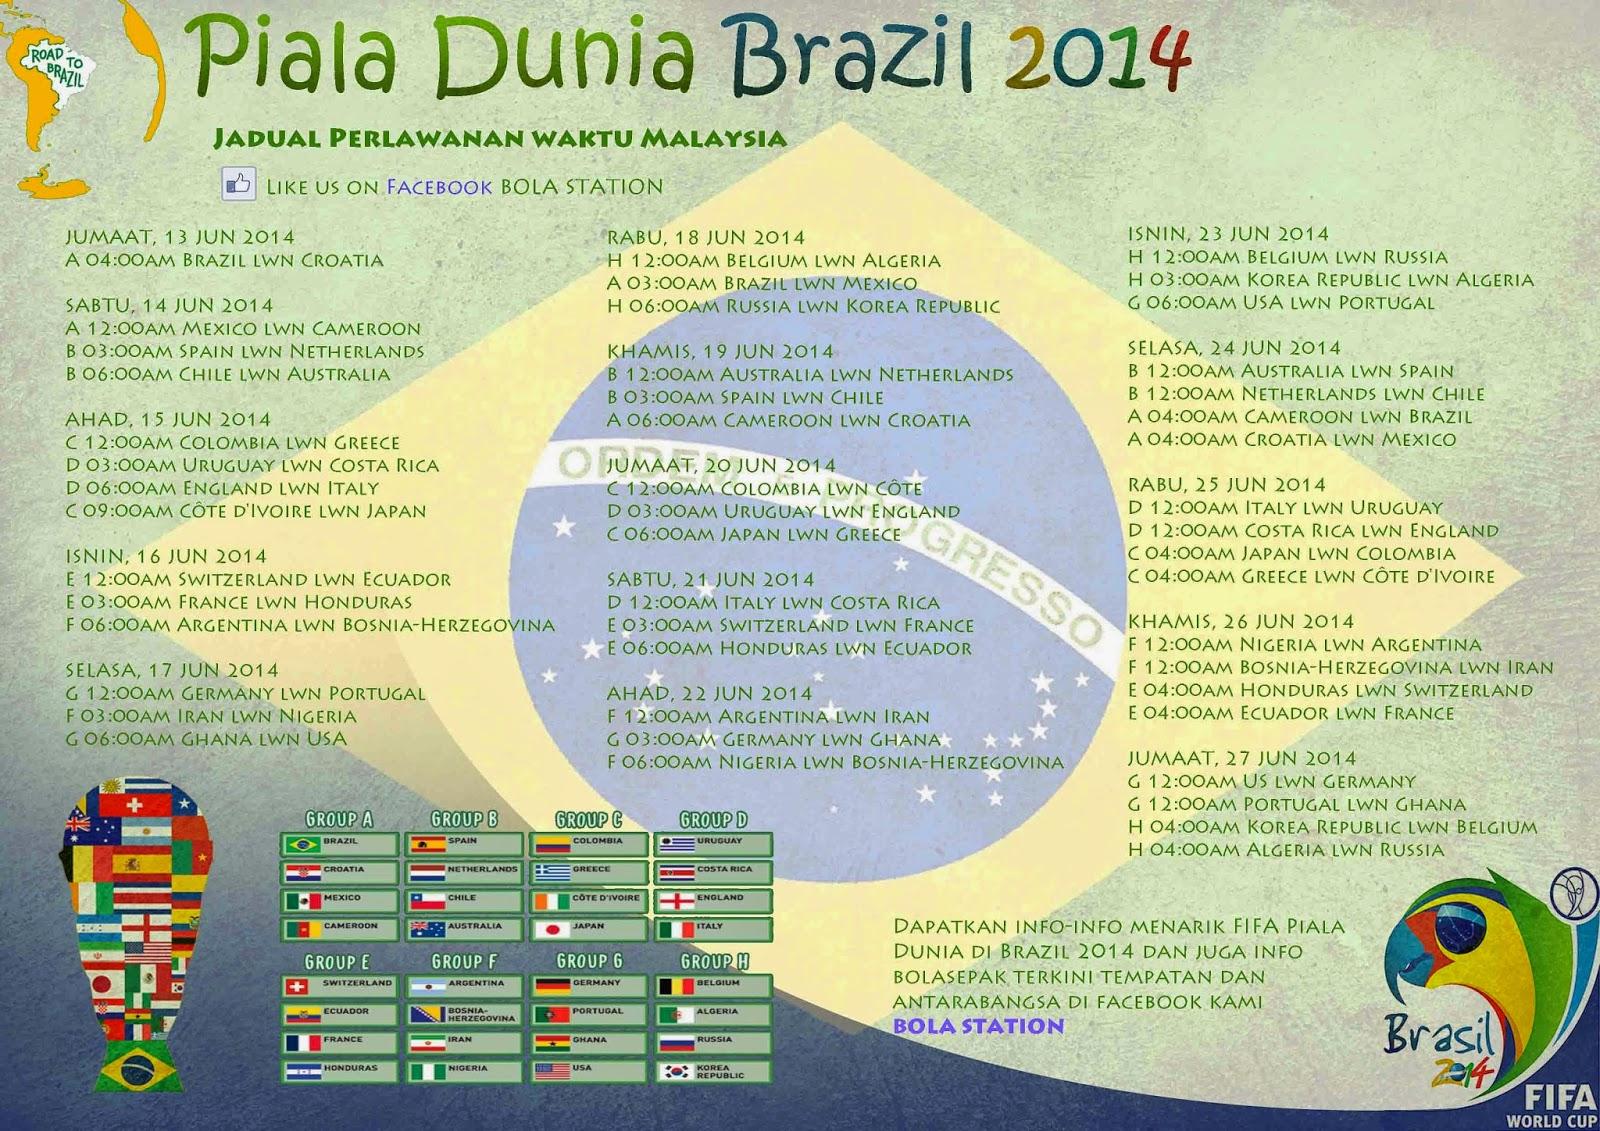 Jadual Perlawanan Bolasepak Piala Dunia Brazil 2014 Waktu Malaysia